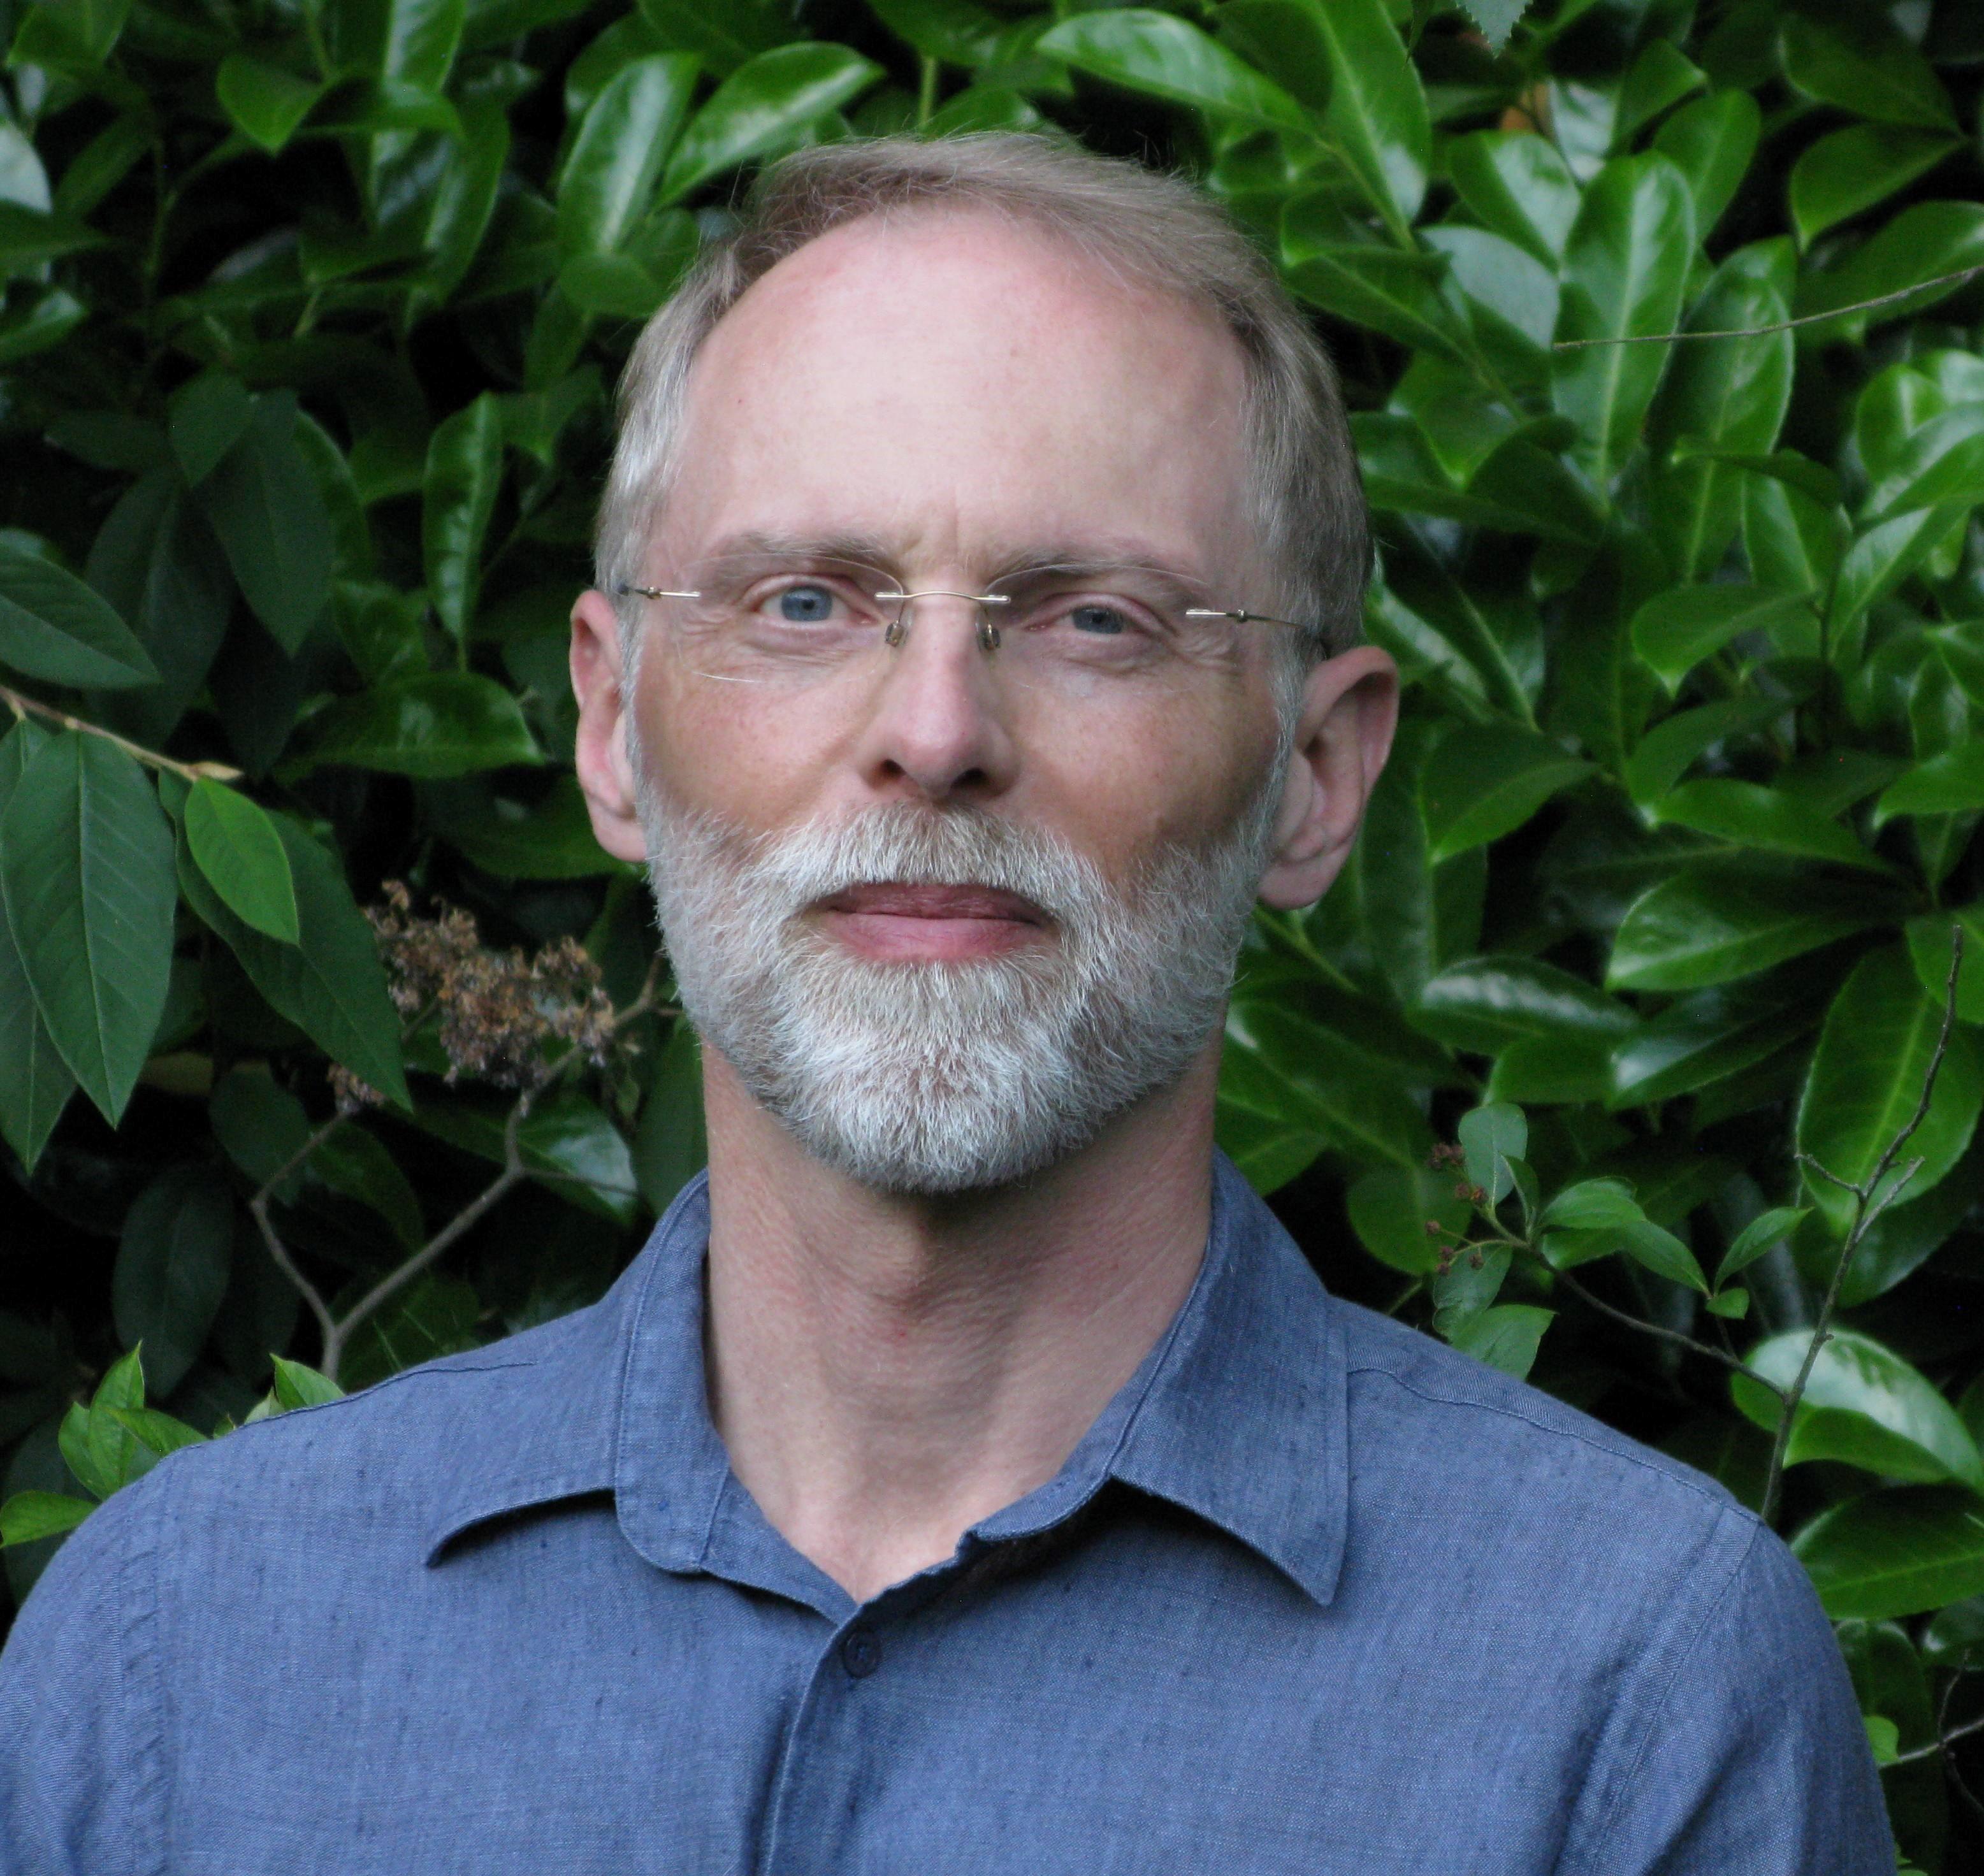 Guy Van de Walle